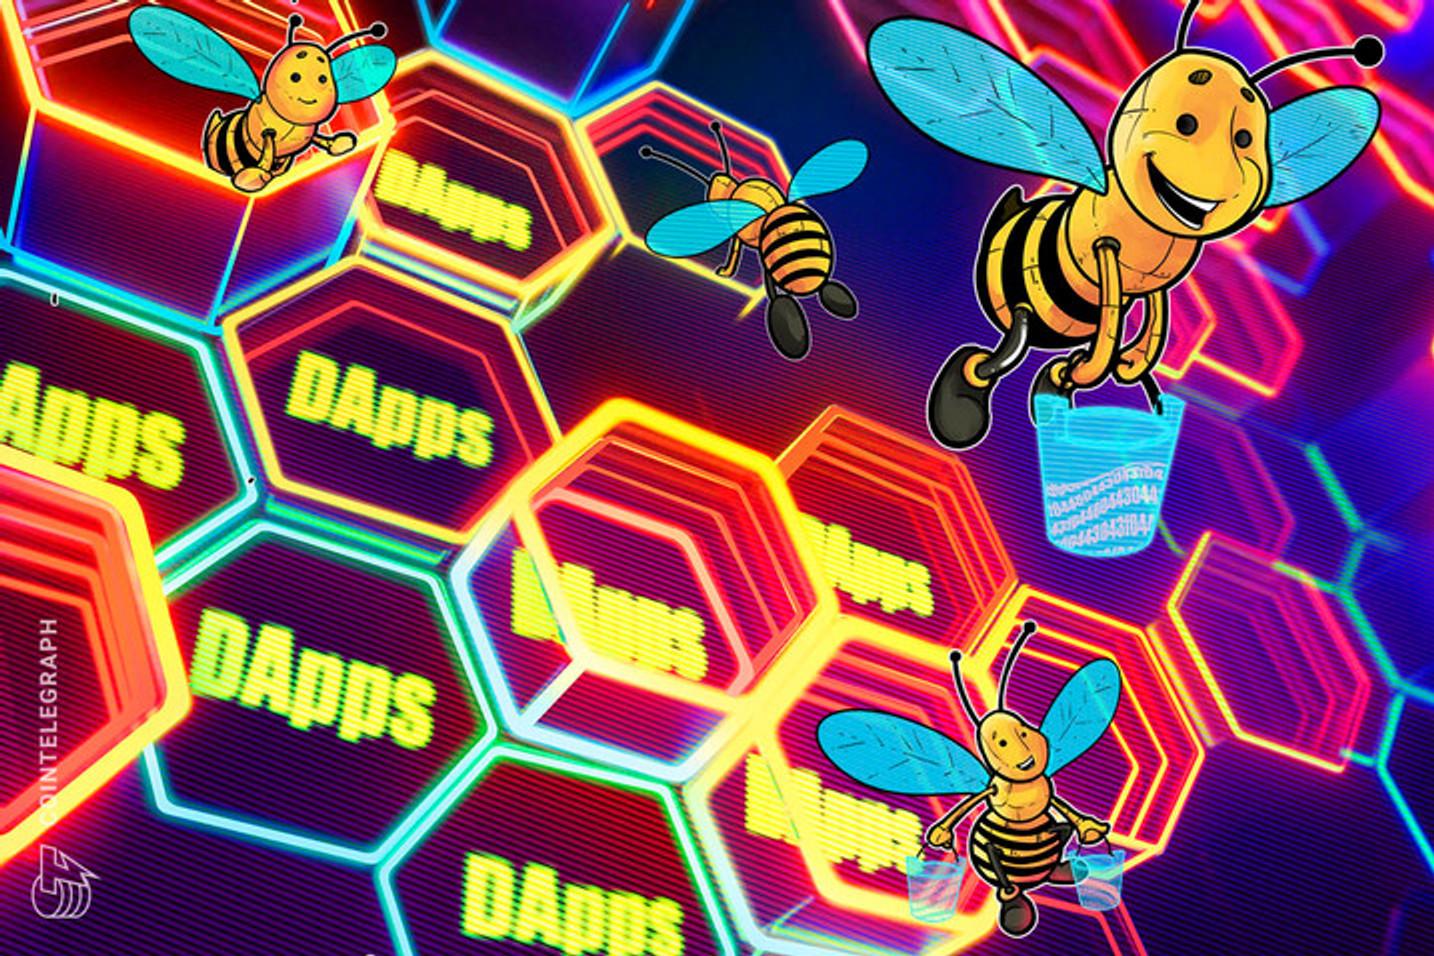 「ハイリスク」分散型アプリ(Dapps)が活発に|仮想通貨トロンがイーサ越えも=Dapp.com2020年 1Qレポート